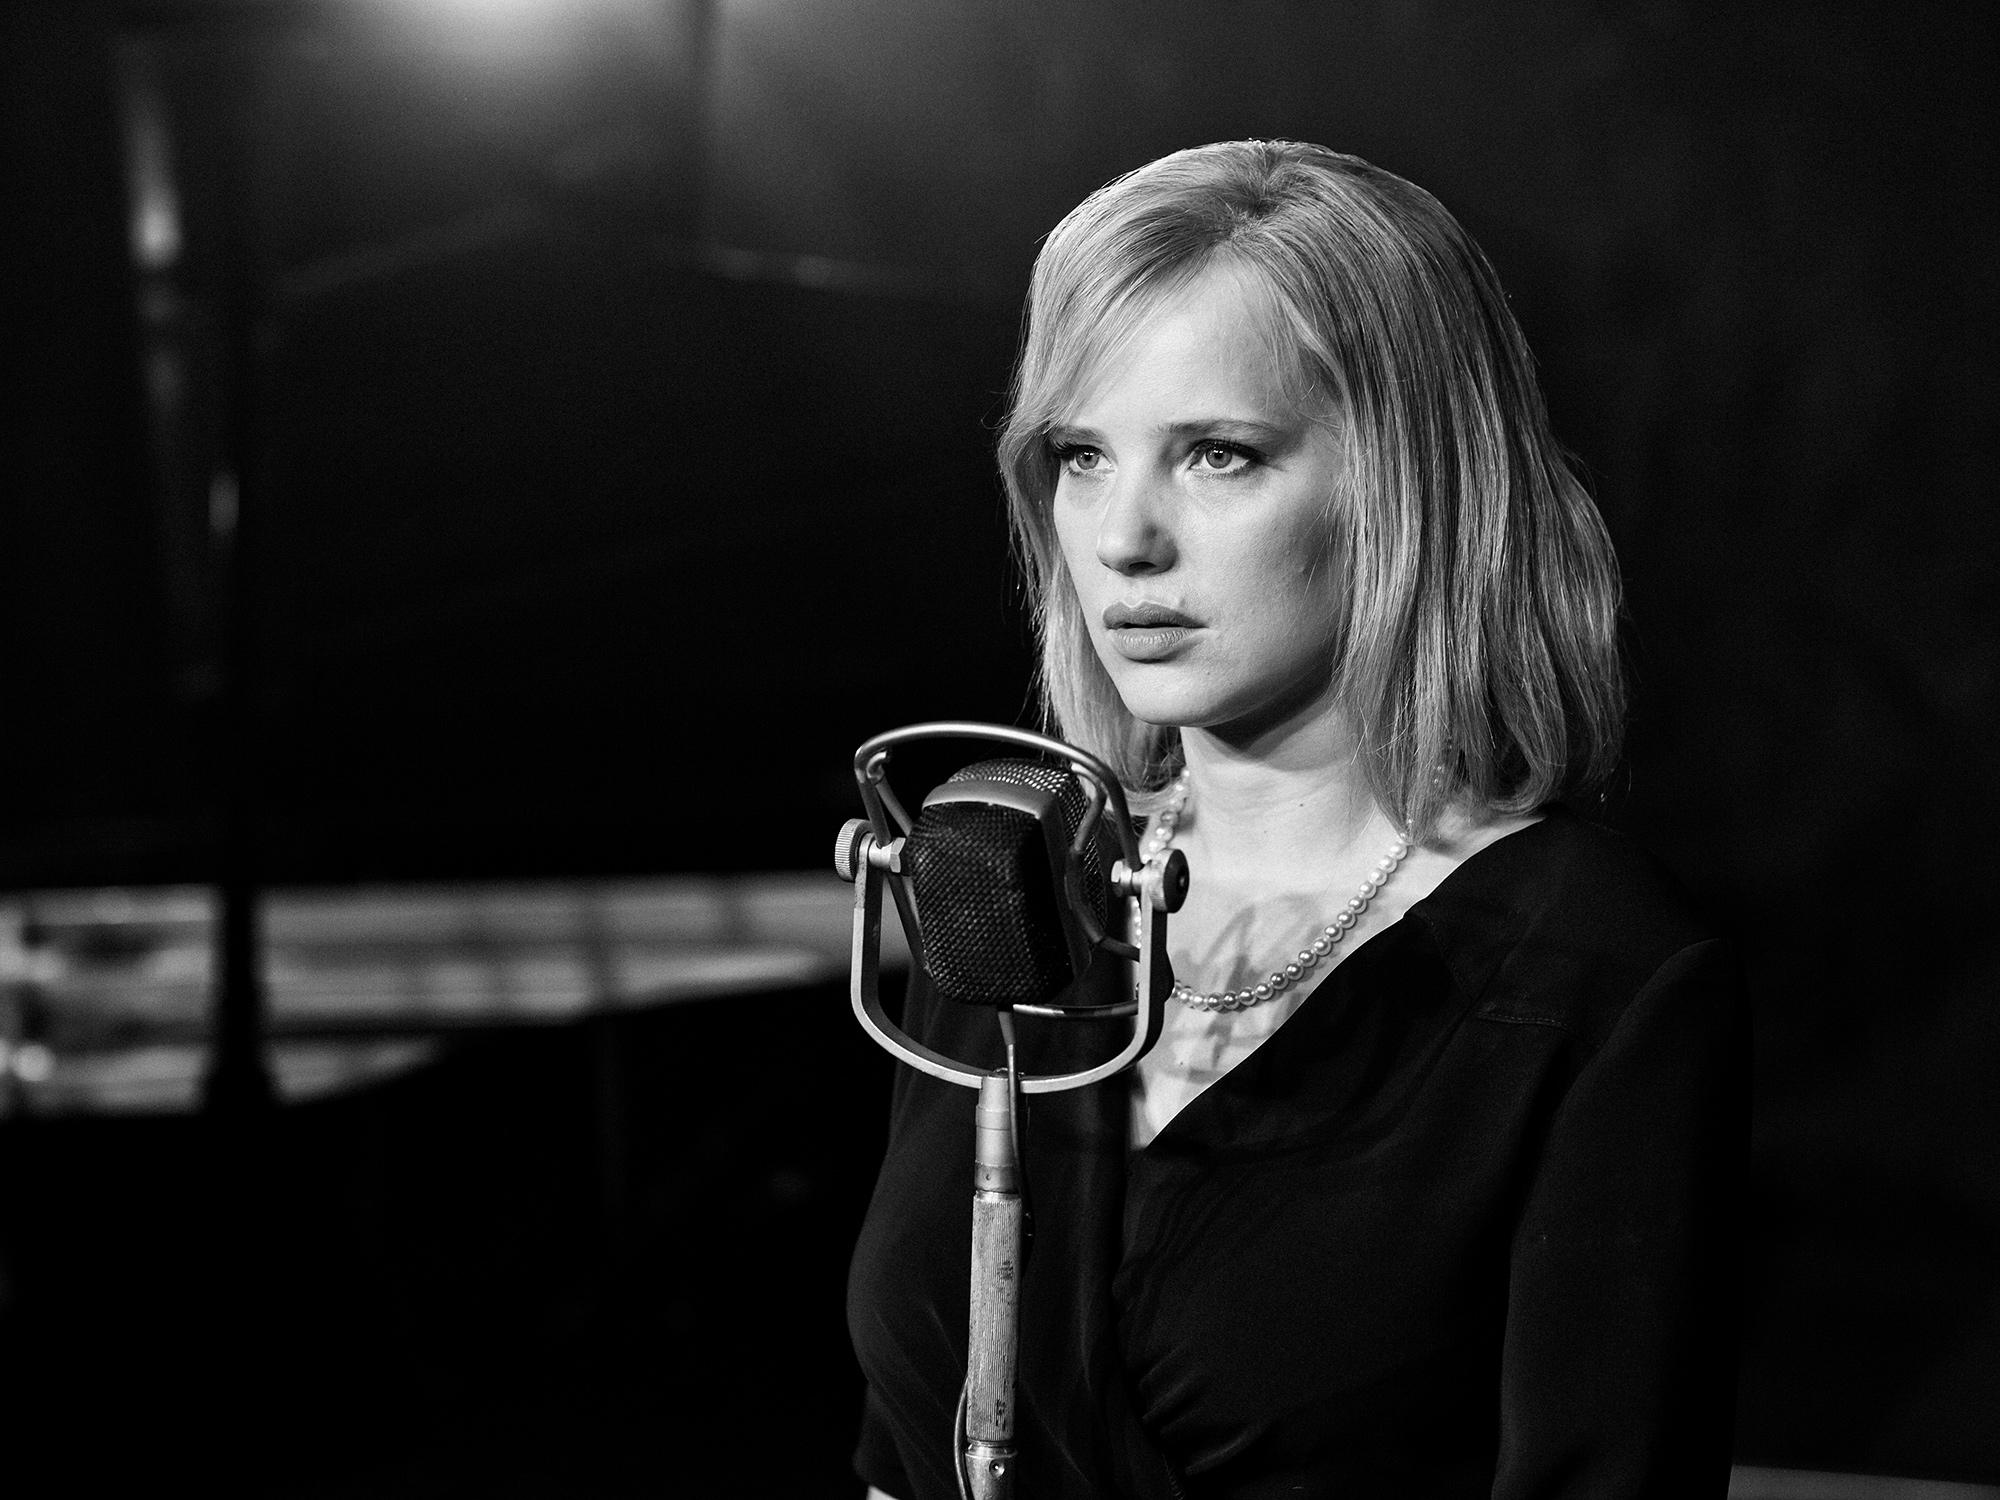 Joanna Kulig as Zula in  Cold War (2018)